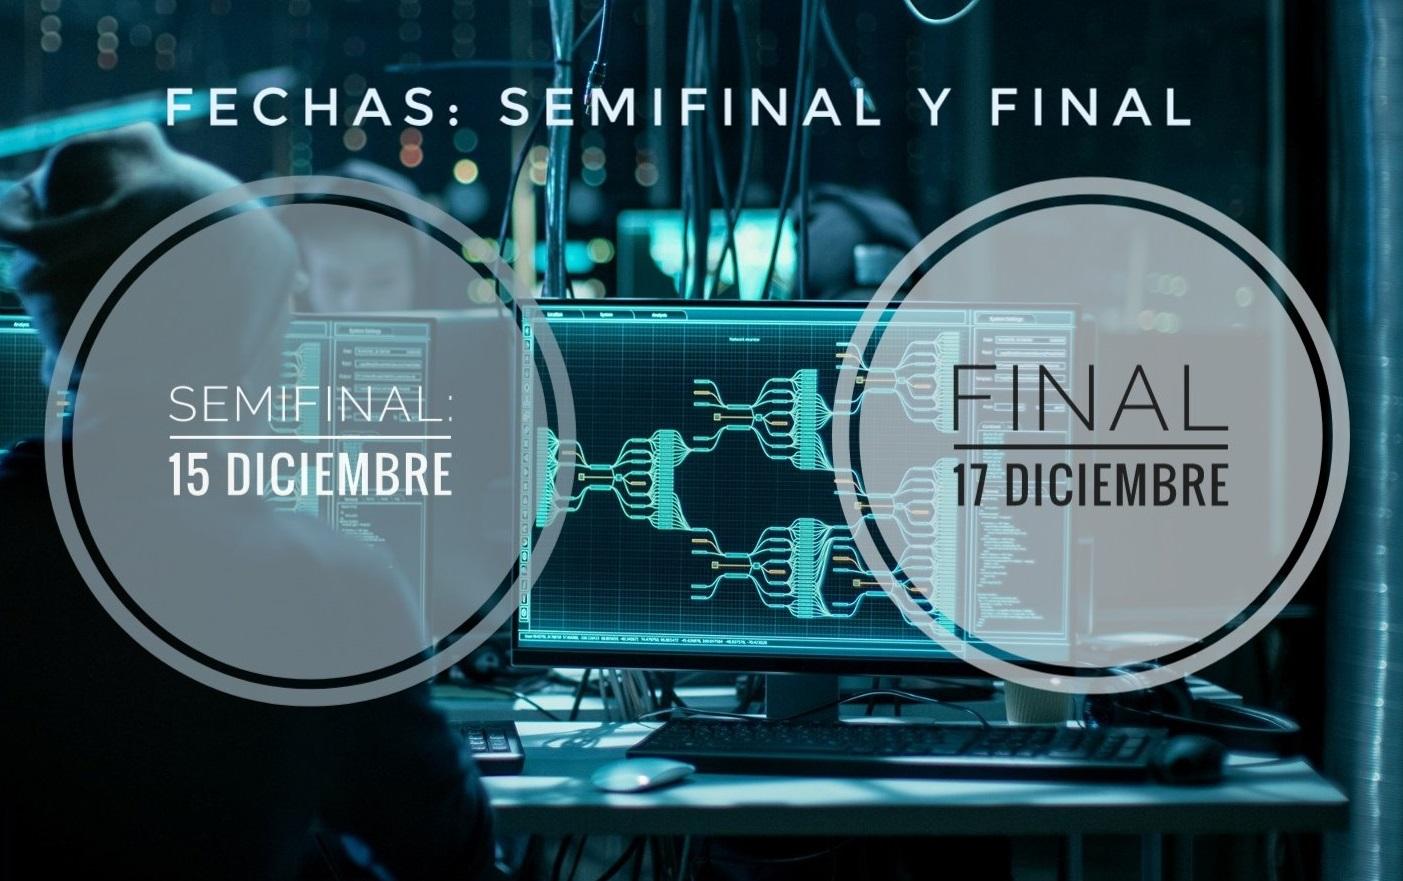 Fechas de la semifinal y la final